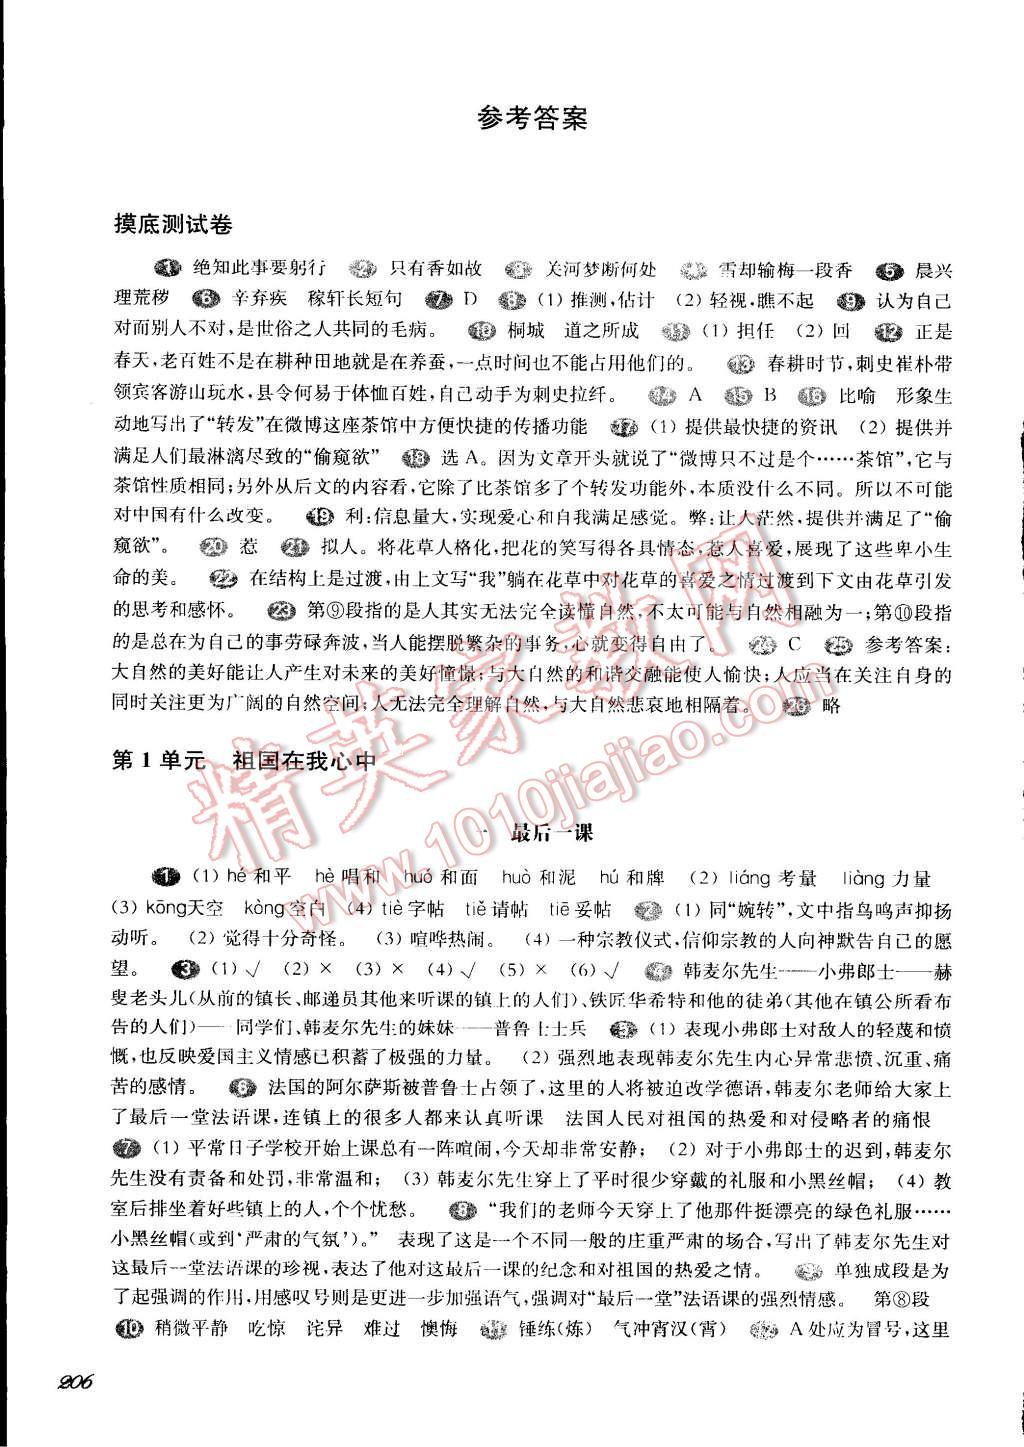 2015年一课一练八年级语文下册华东师大版第1页